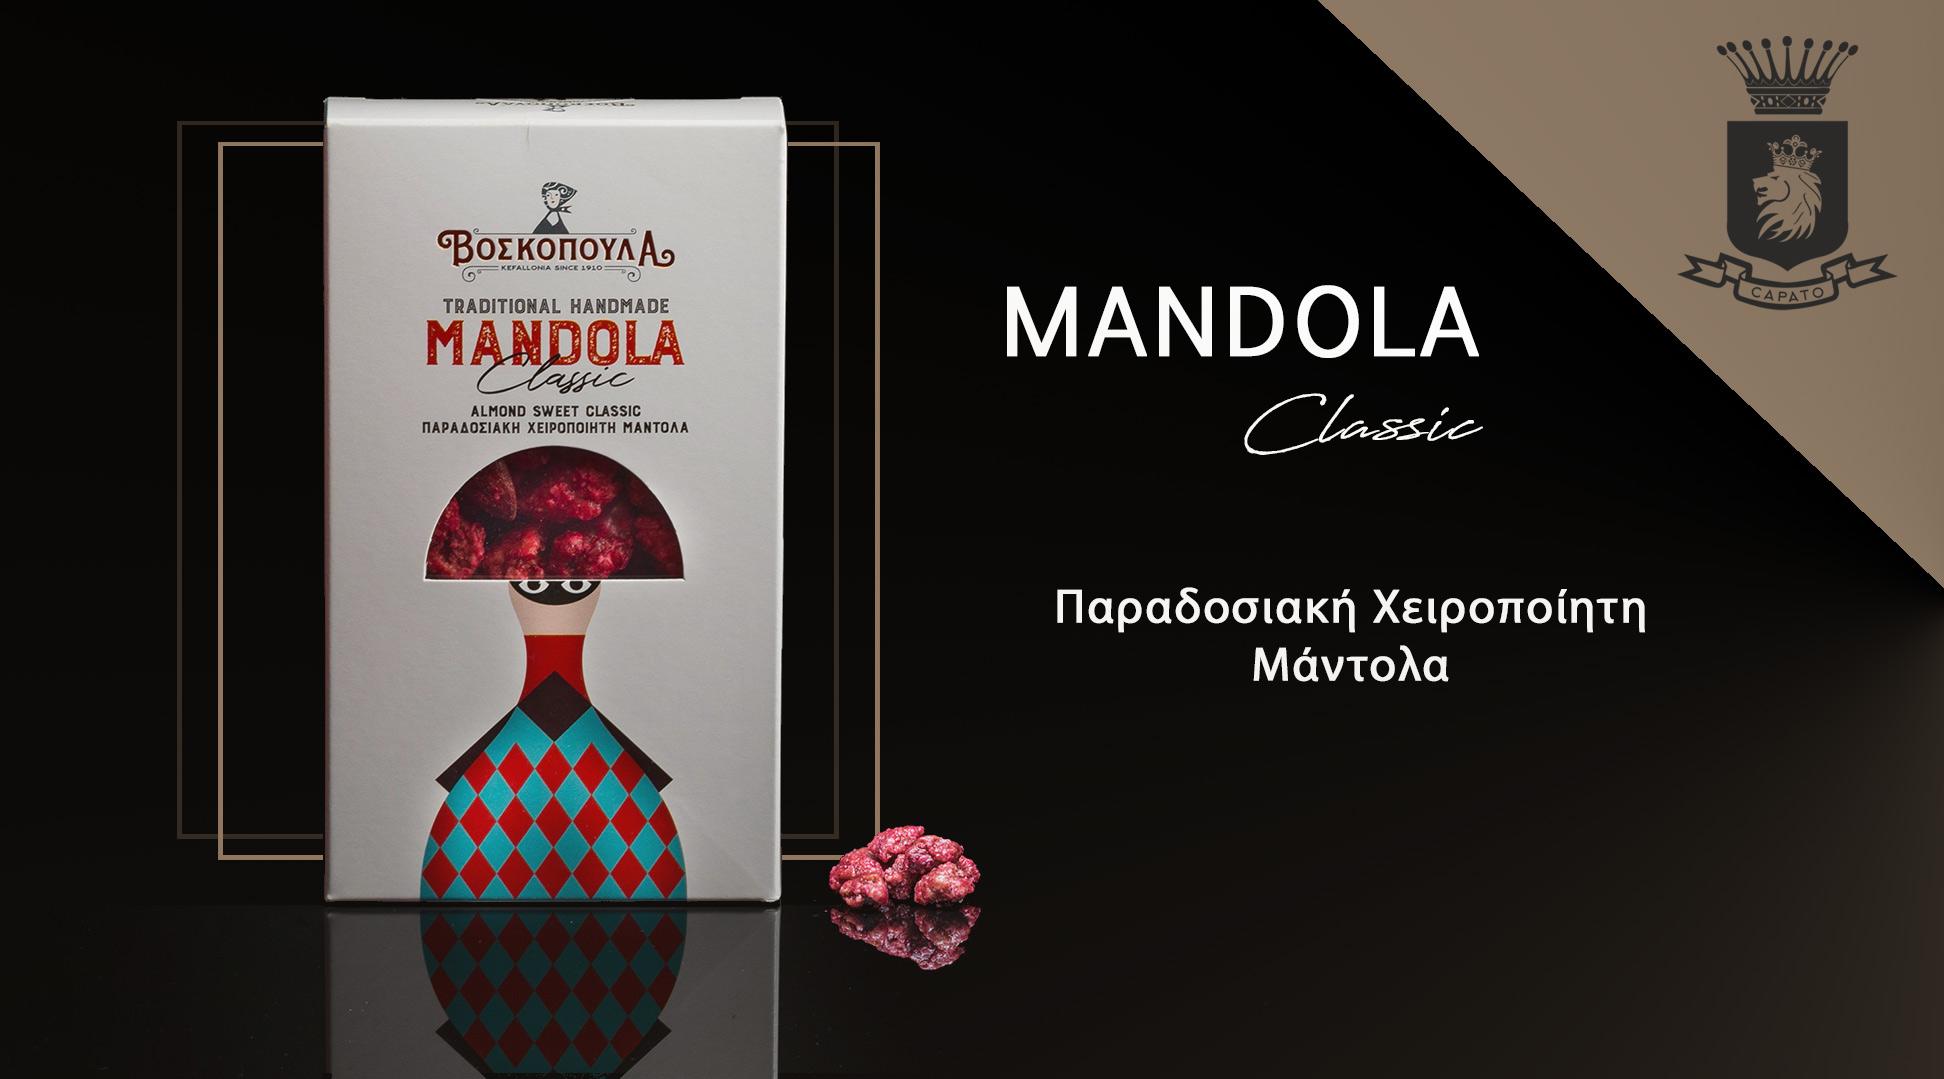 mandola_classic_kefalonia_homepage2